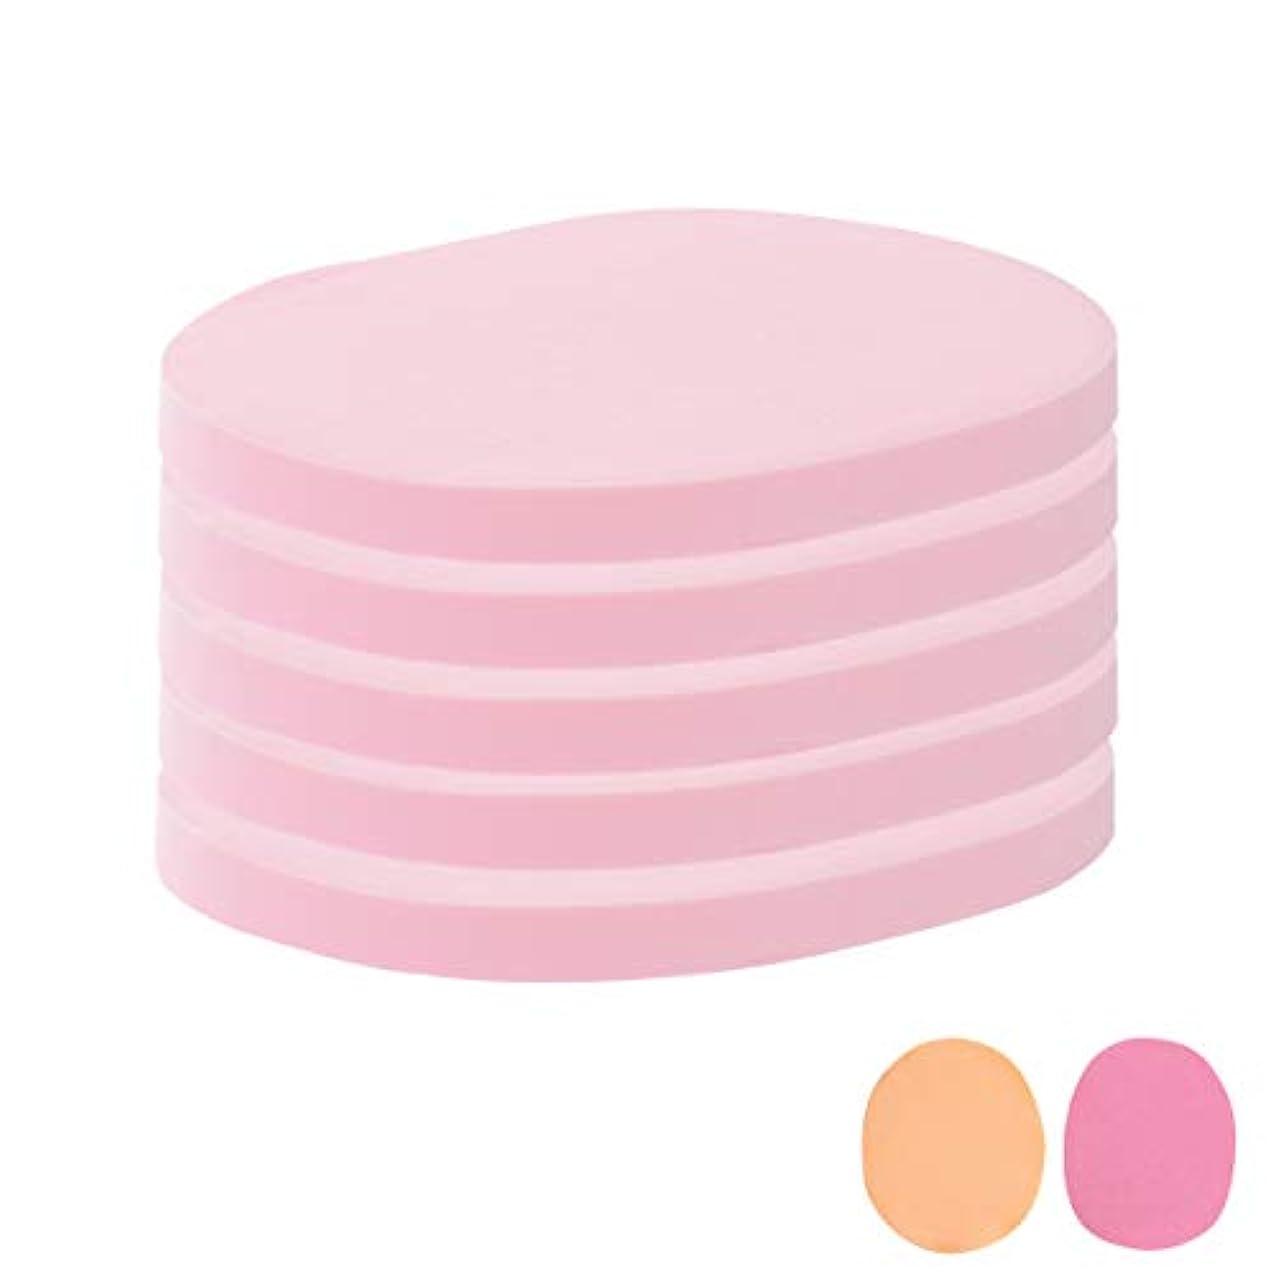 ハッチ拘束コロニアルフェイシャルスポンジ 全4種 10mm厚 (きめ細かい) 5枚入 ピンク [ フェイススポンジ マッサージスポンジ フェイシャル フェイス 顔用 洗顔 エステ スポンジ パフ クレンジング パック マスク 拭き取り ]